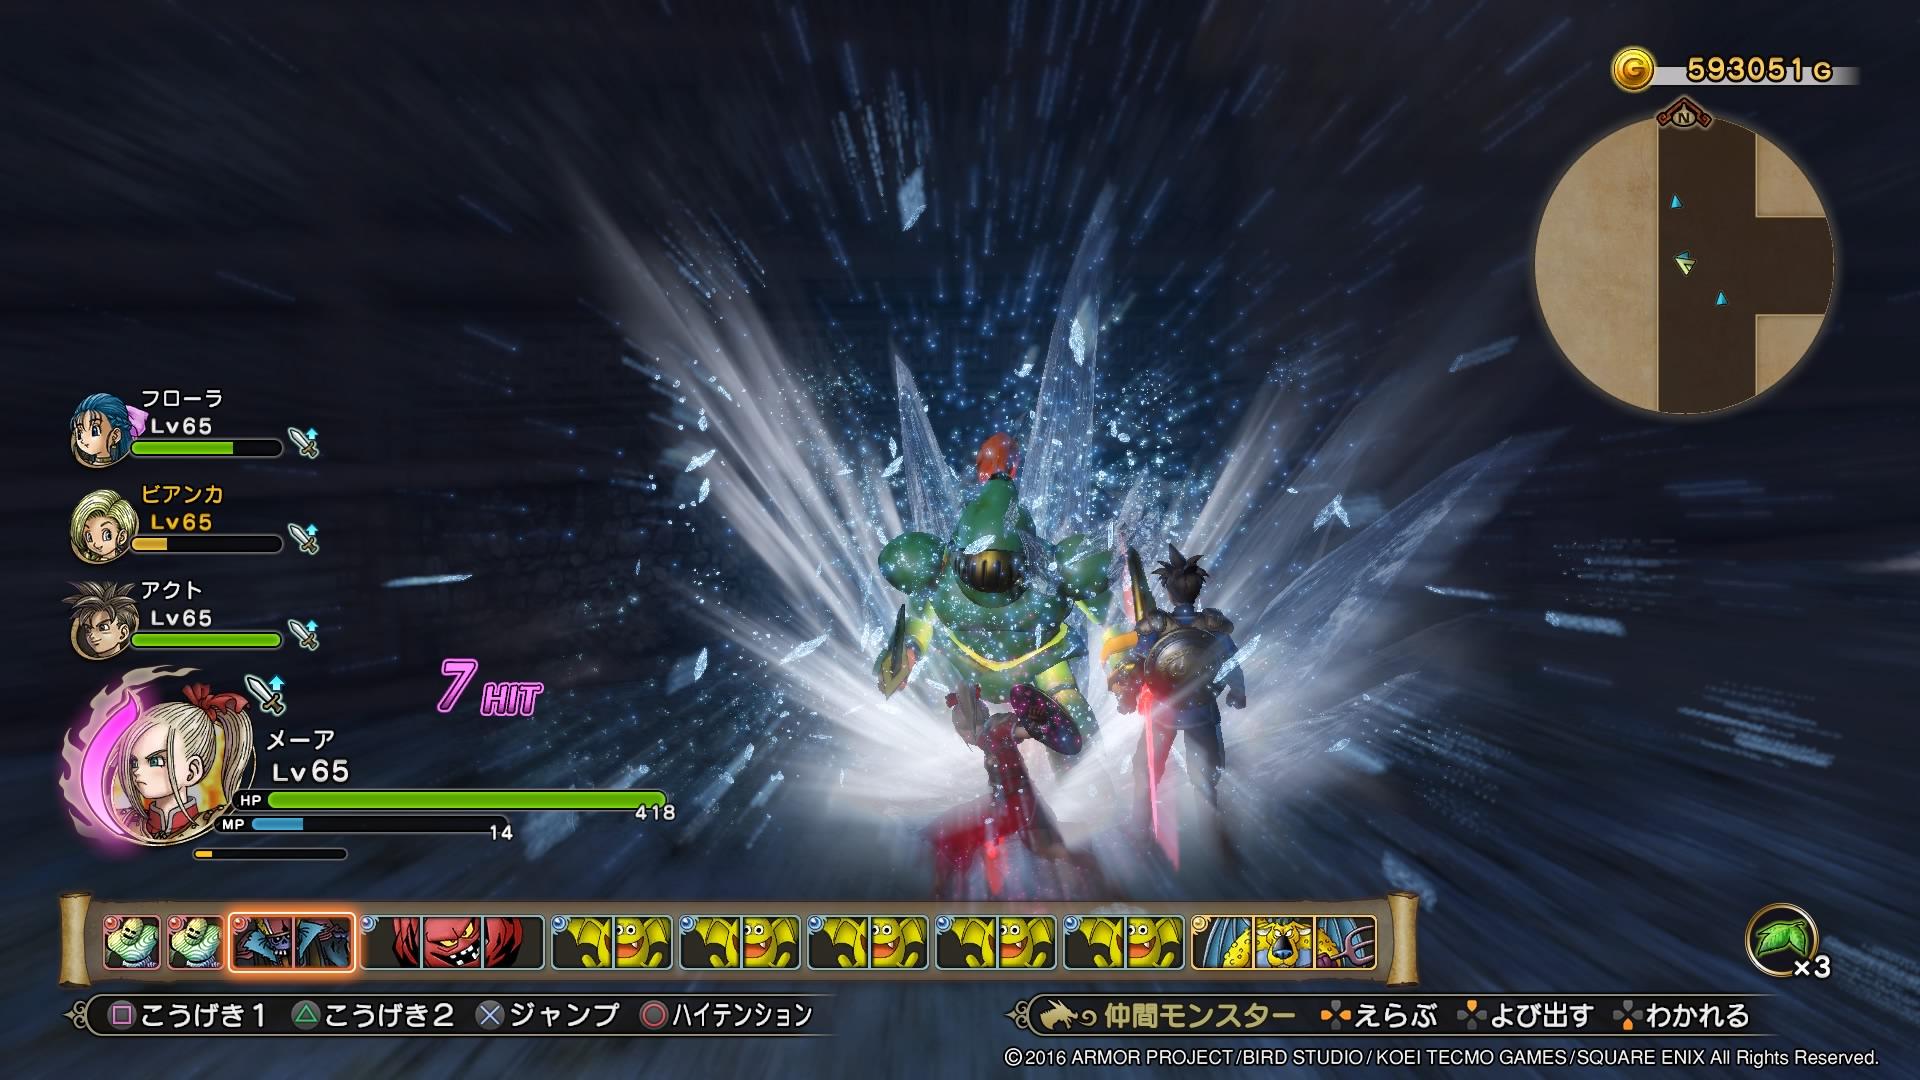 ドラゴンクエストヒーローズⅡ 双子の王と予言の終わり_20160619084610